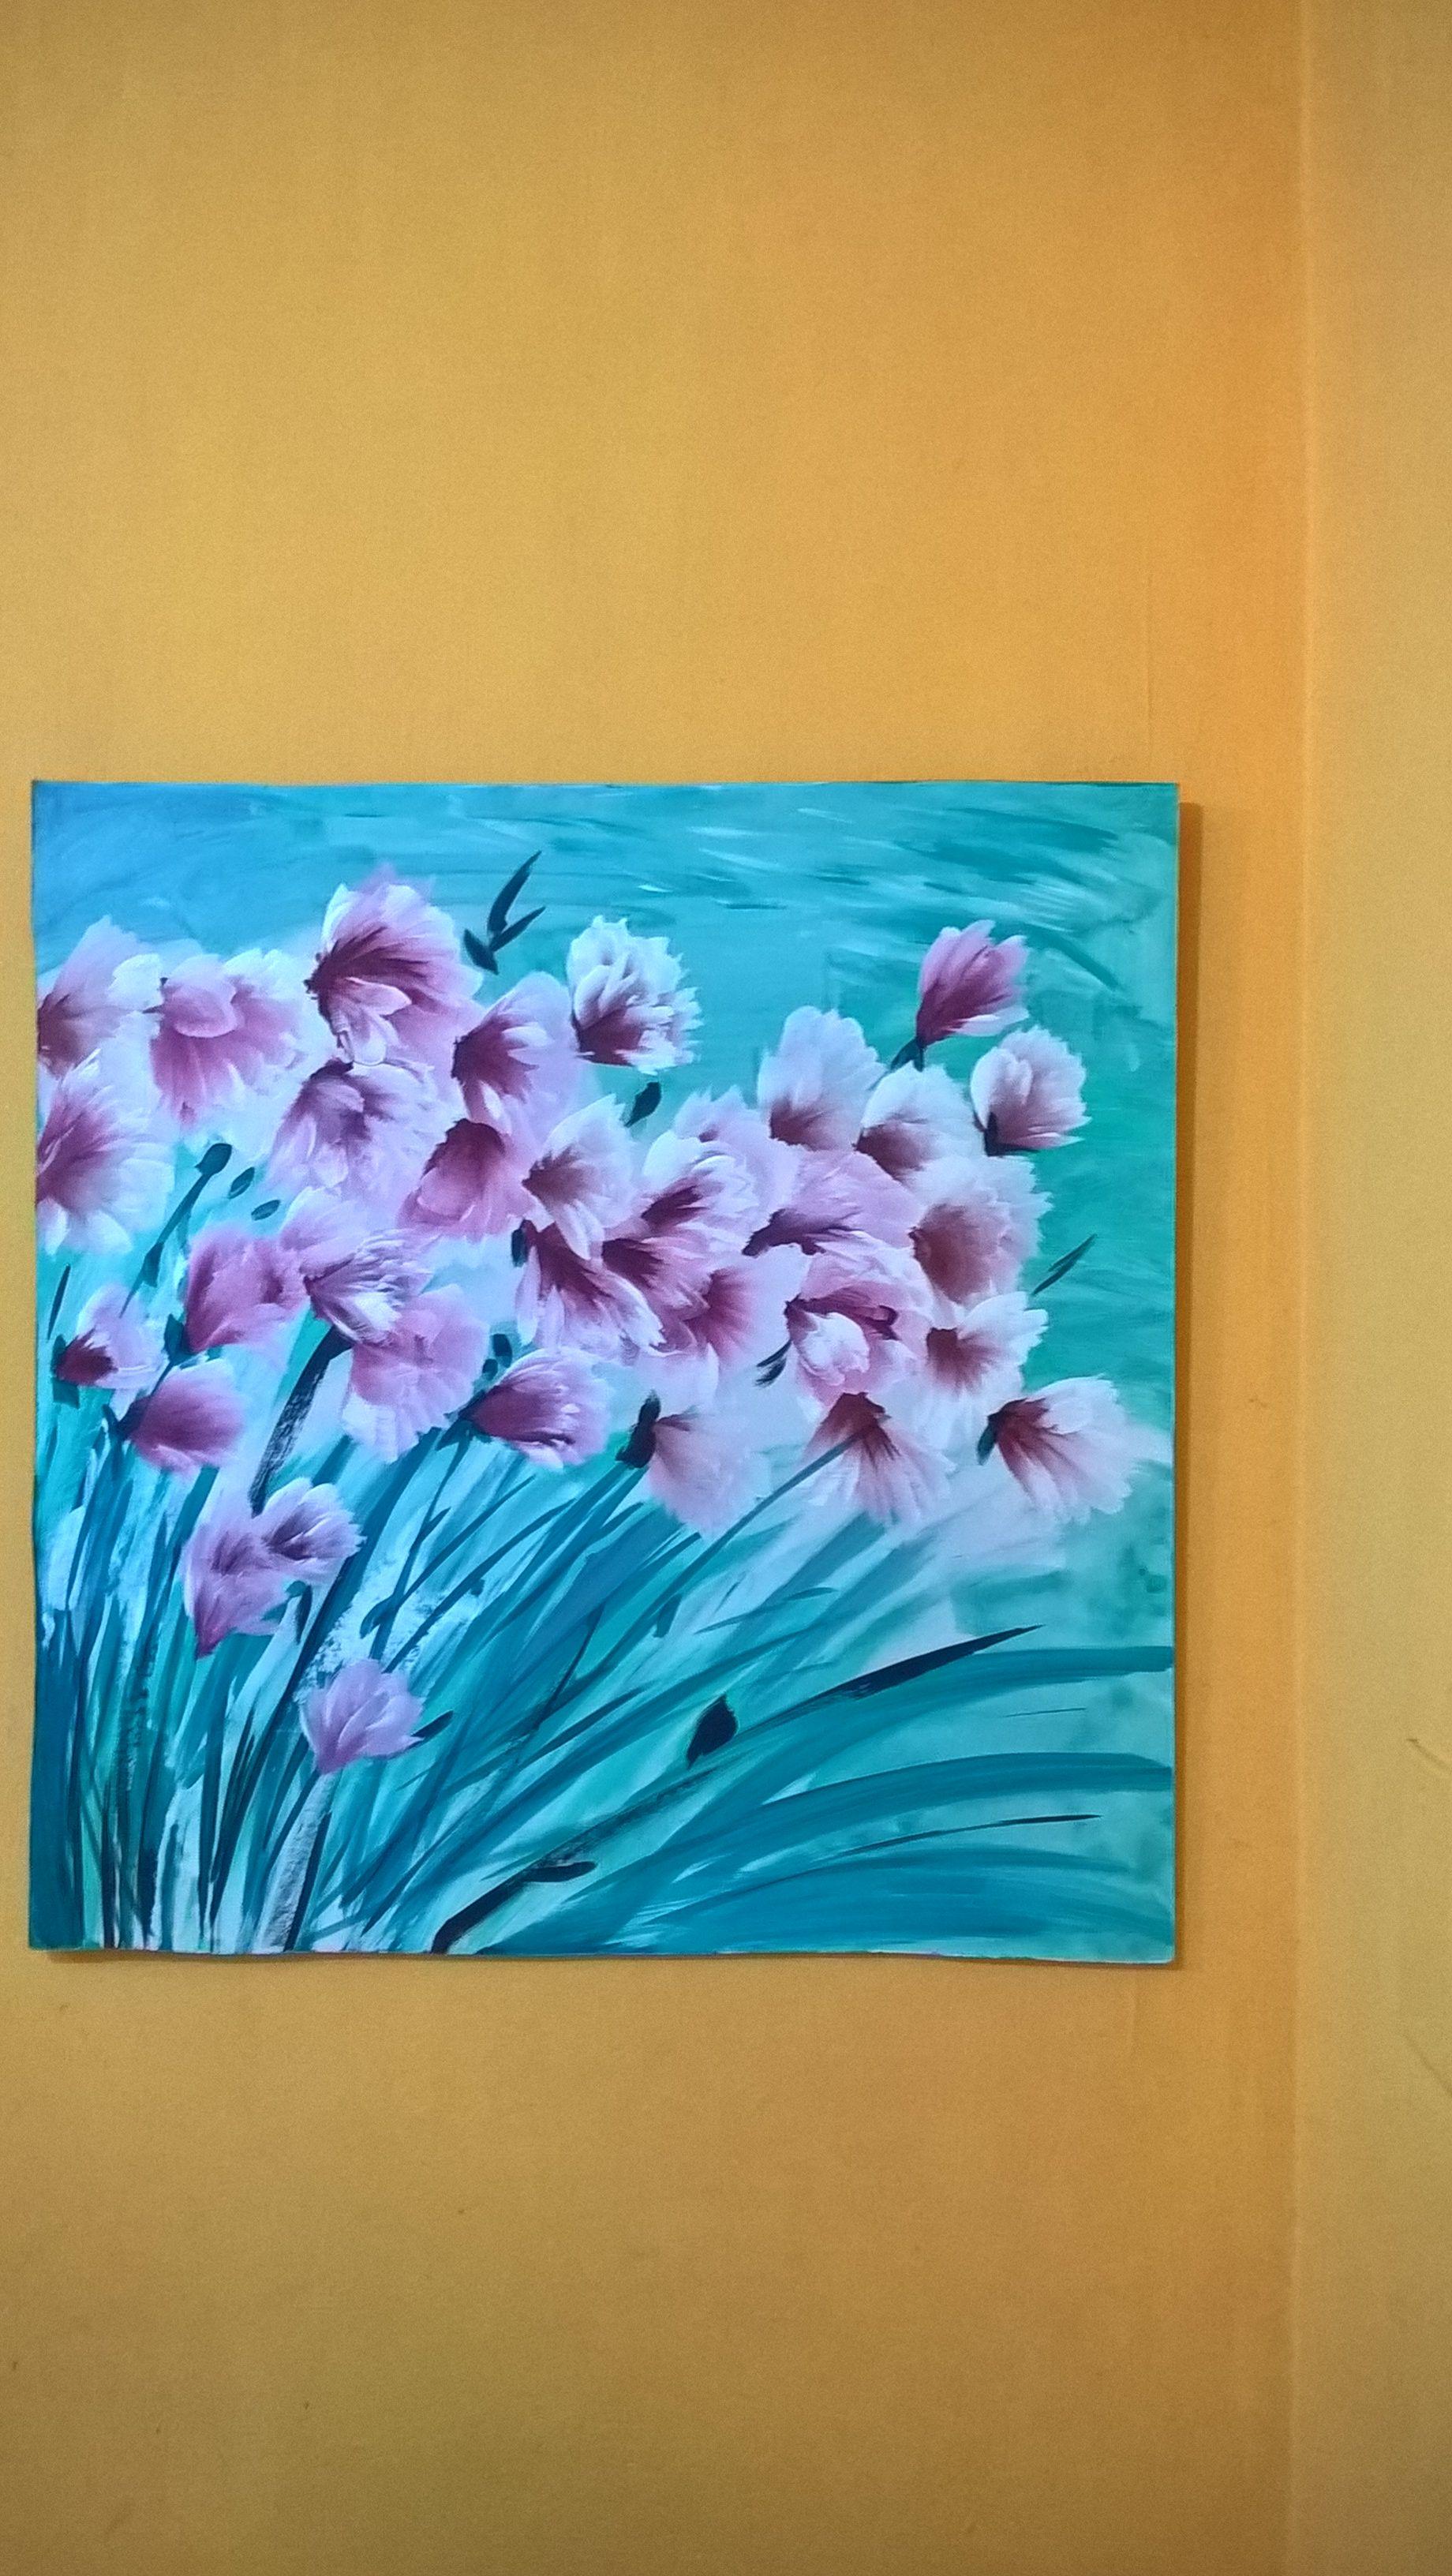 Acrilico sobre fibrofacil pintado por Silvia Anido ...